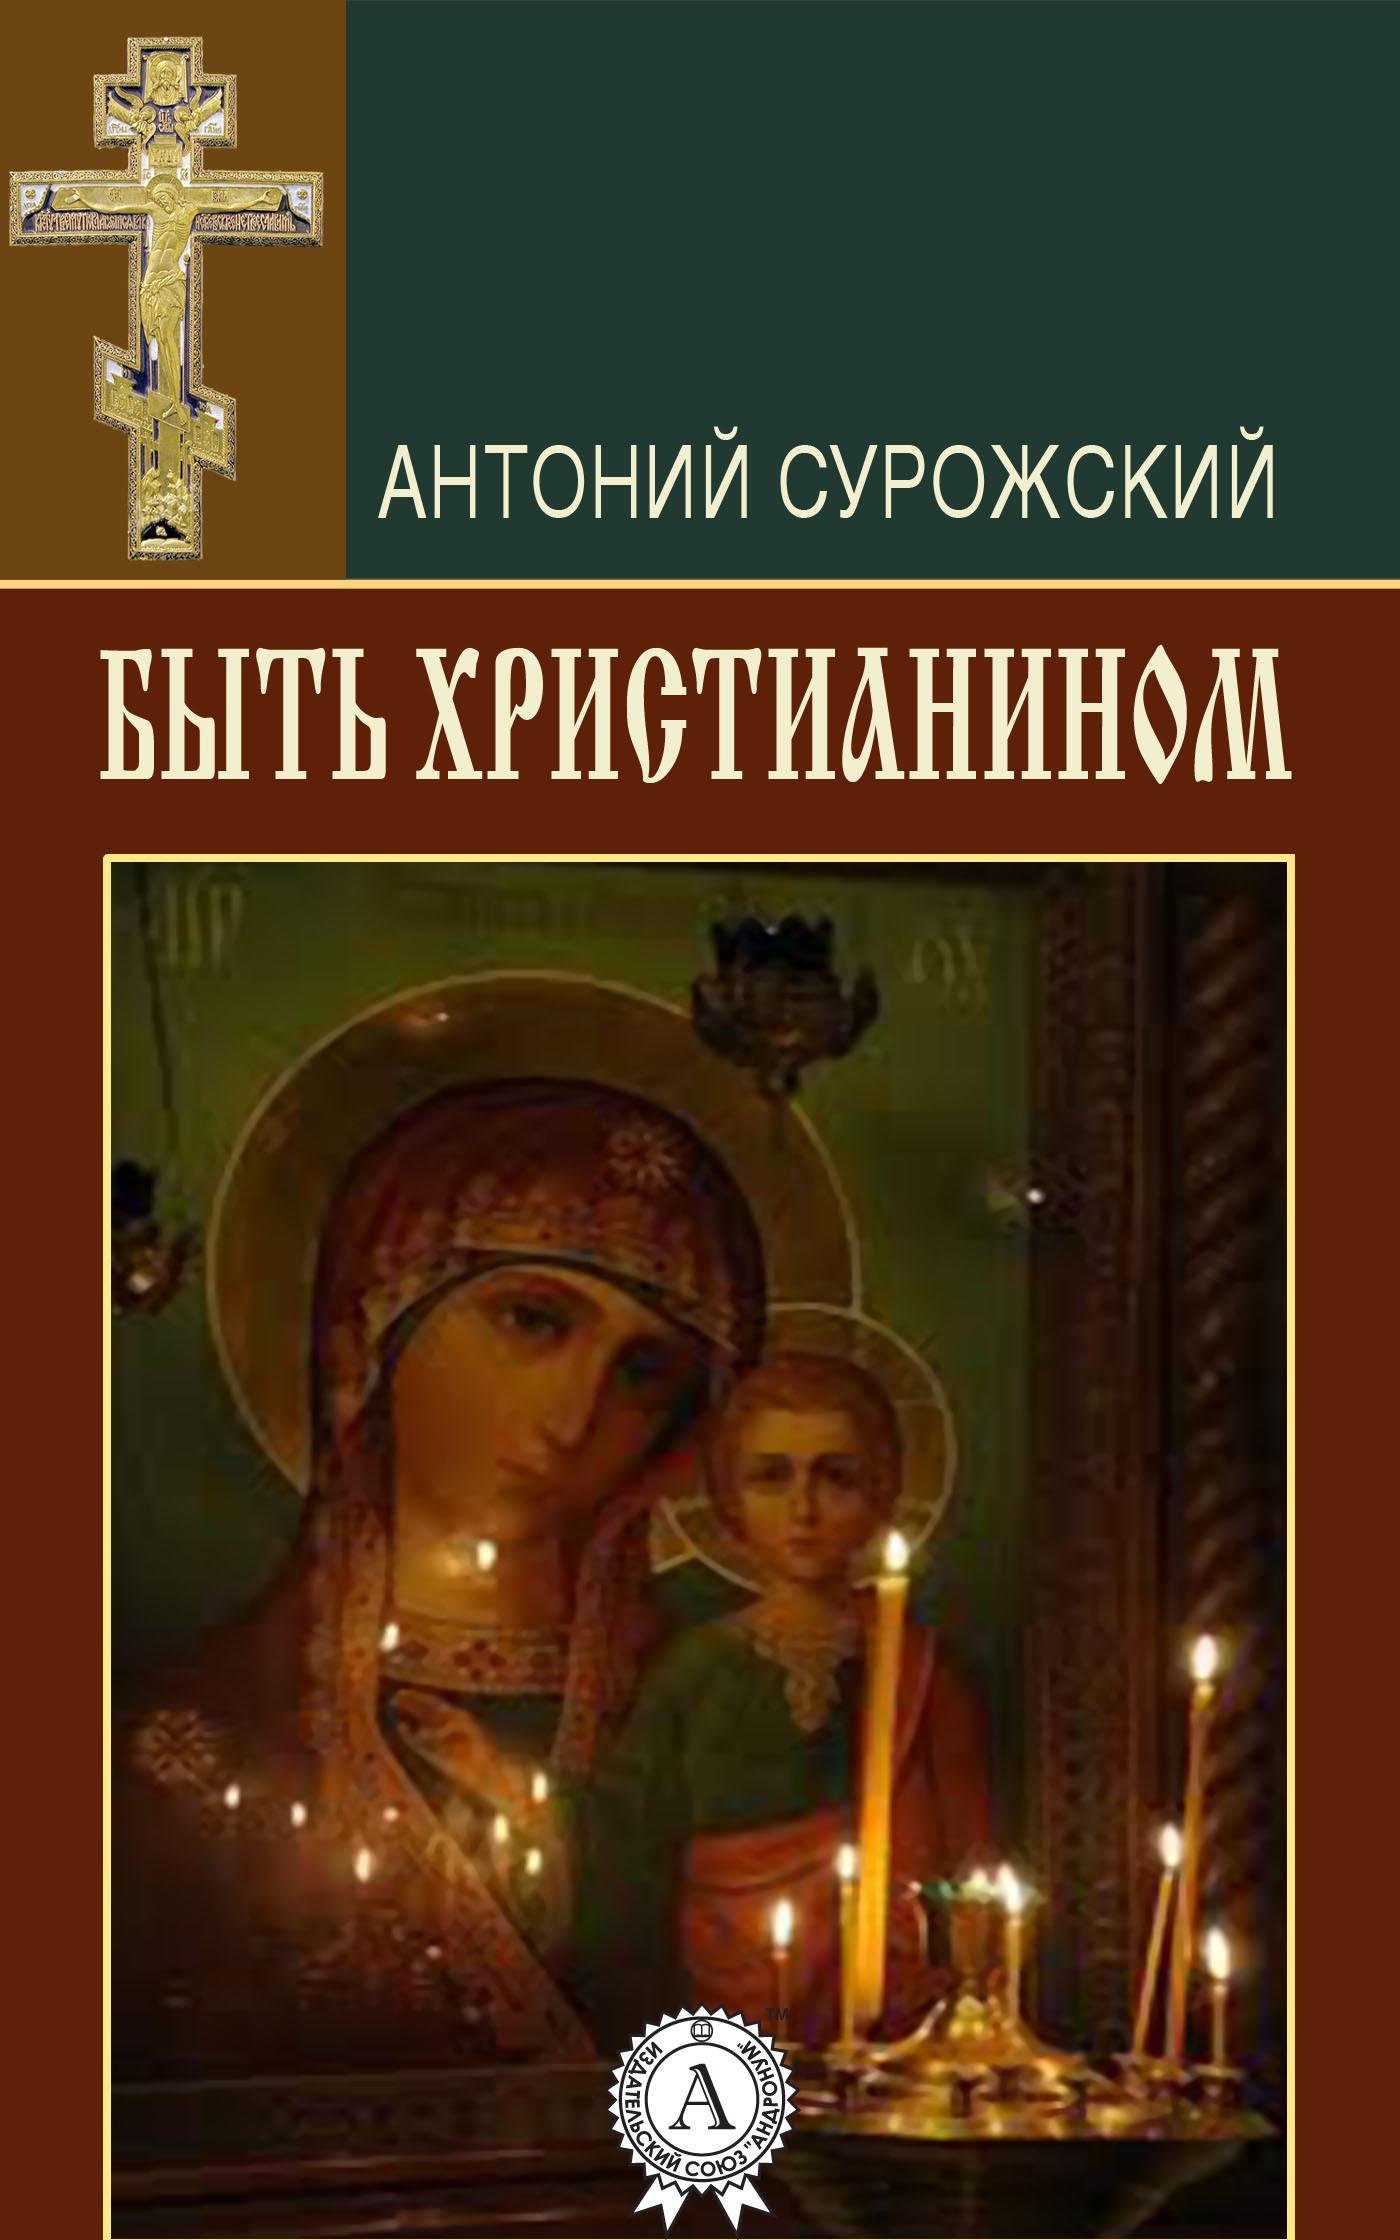 митрополит Антоний Сурожский Быть христианином тайна примирения книга об исповеди и покаянии